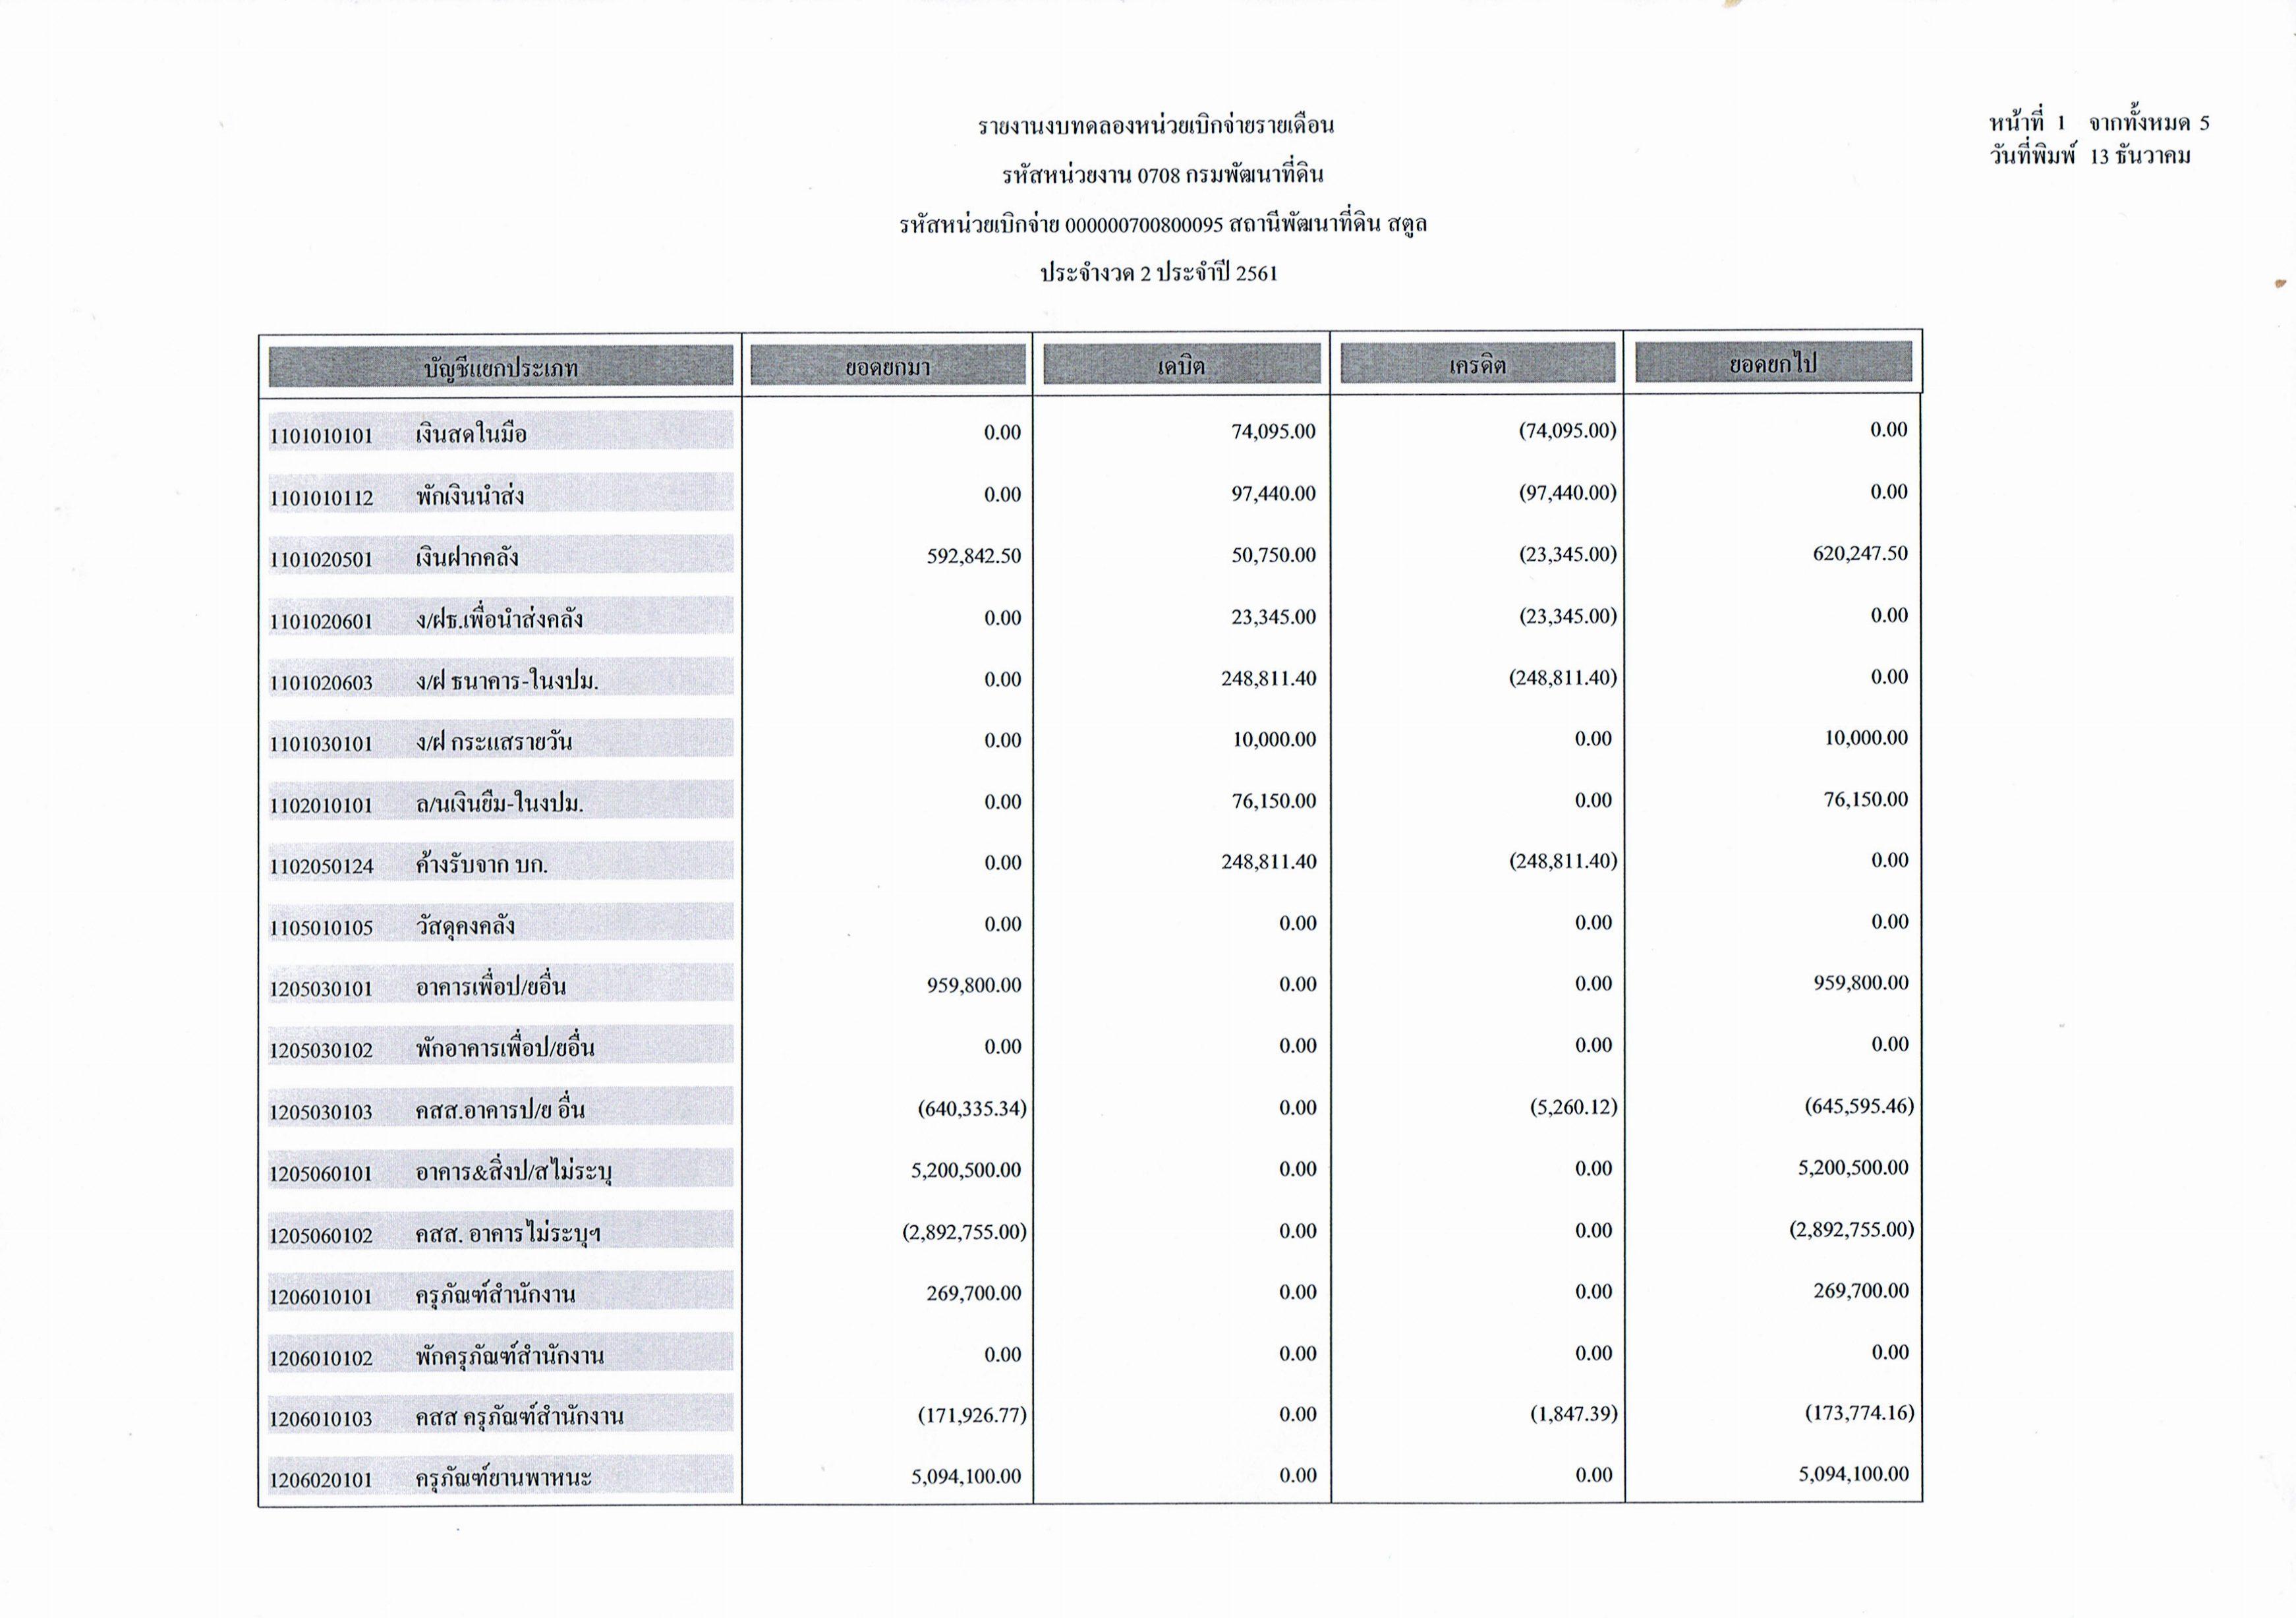 รายงานงบทดลองหน่วยเบิกจ่ายรายเดือน ประจำงวดที่ 2 ประจำปี 2561 หน้า 1